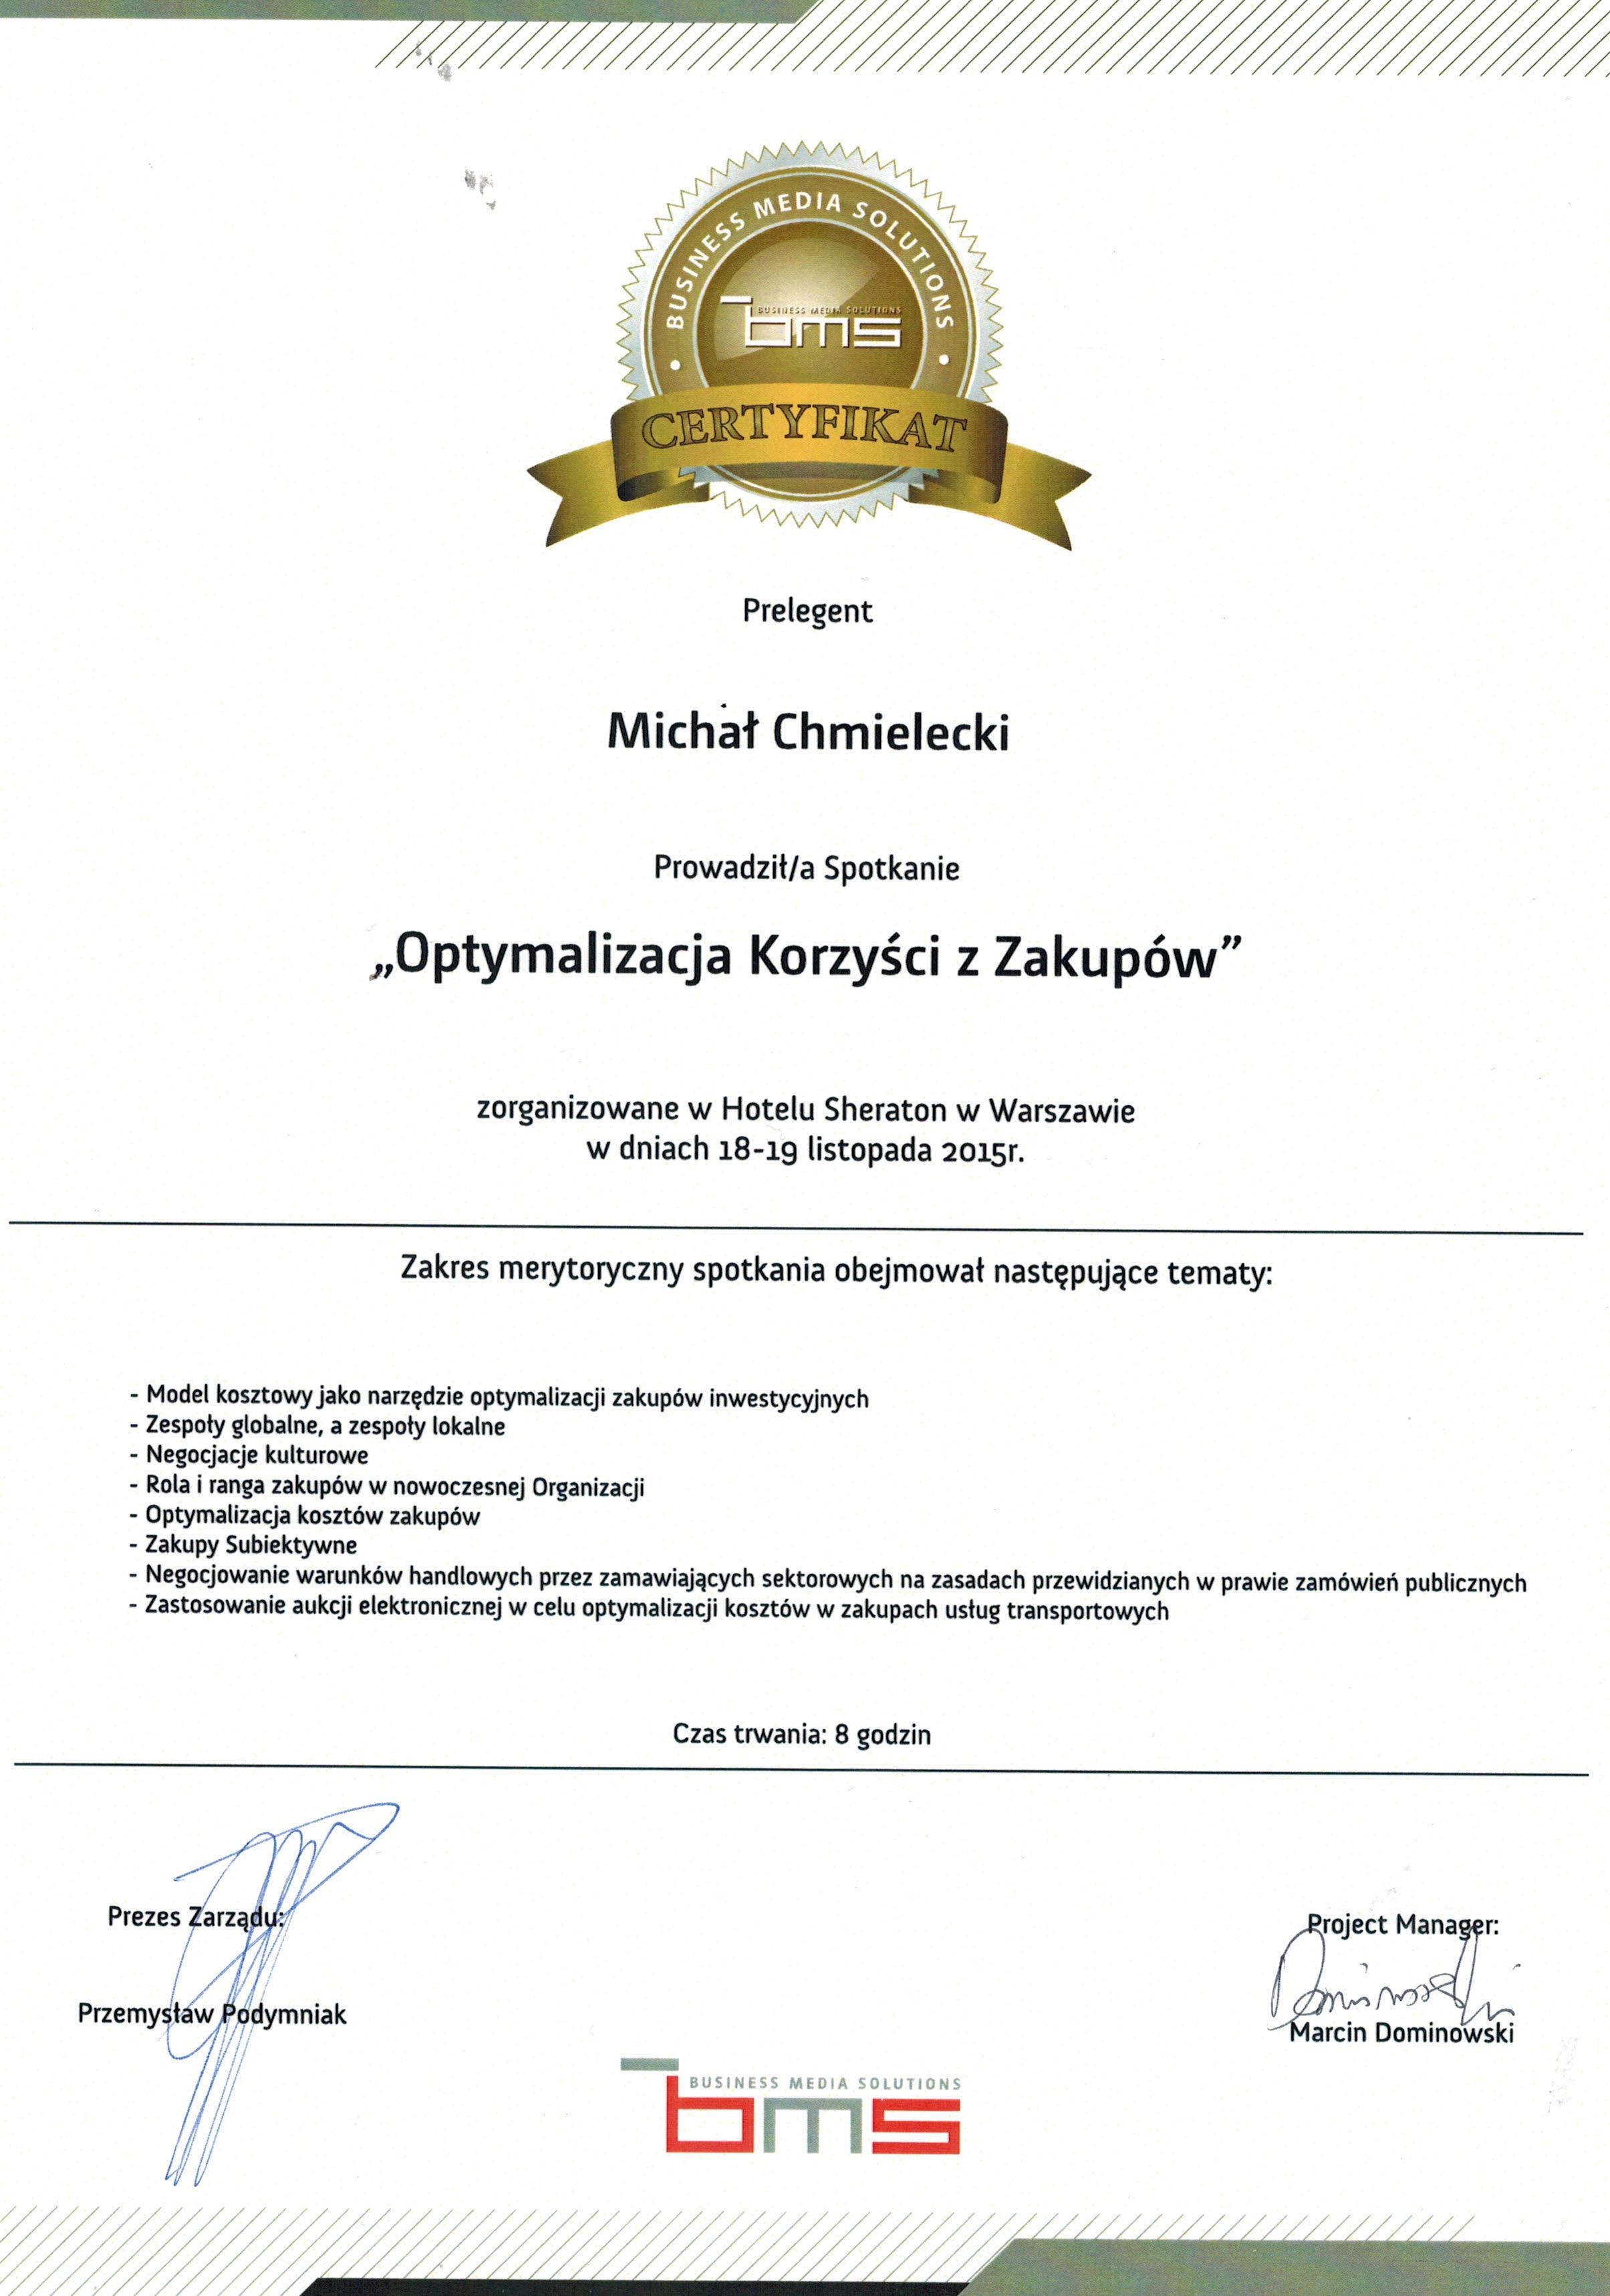 negocjacje zakupowe szkolenie certyfikat.jpg